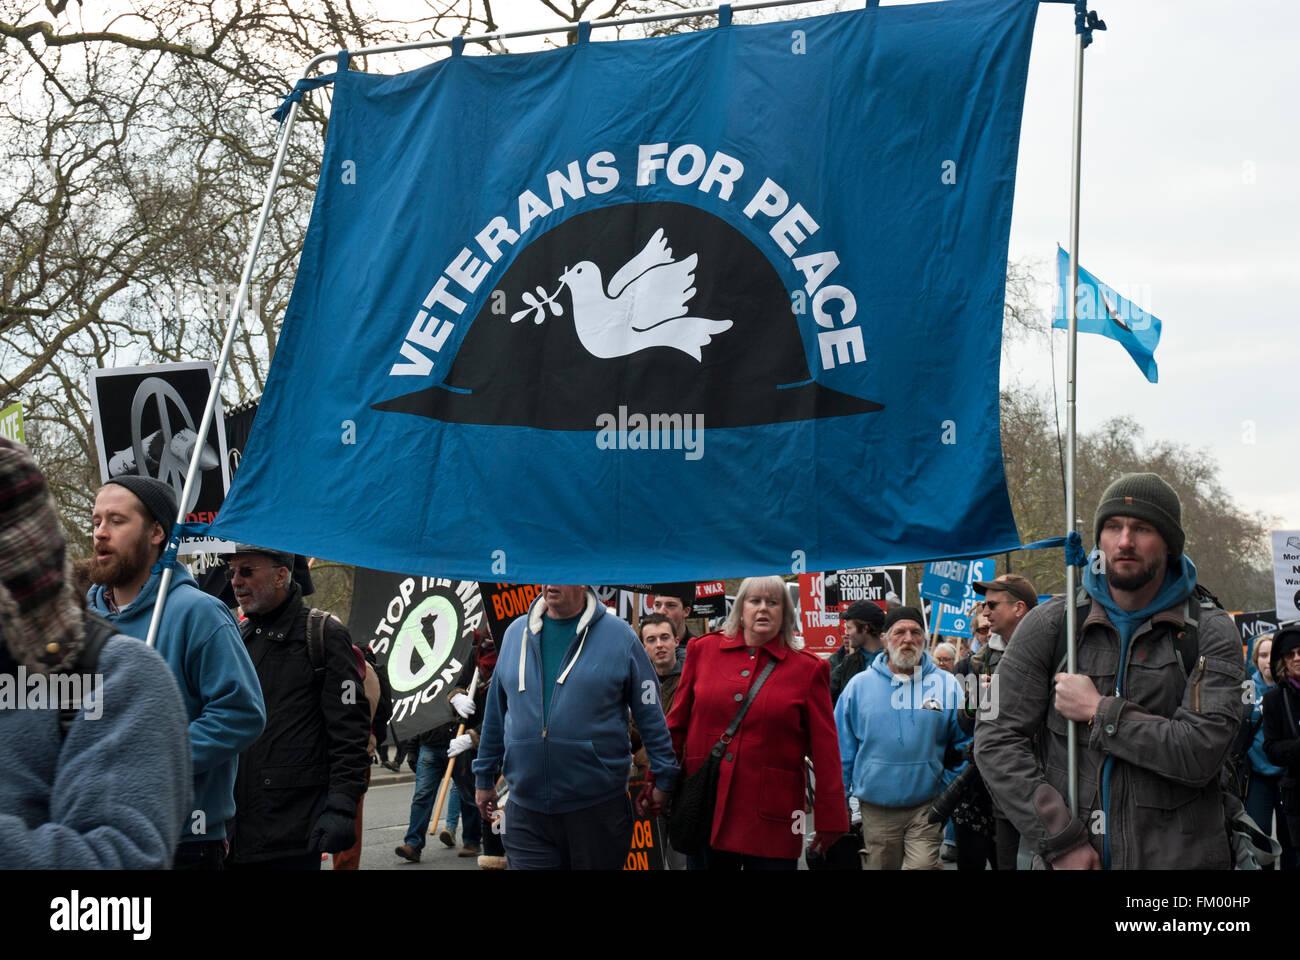 Grande banderole avec colombe et 'vevétérans pour la paix' sur les trident, démonstration Photo Stock